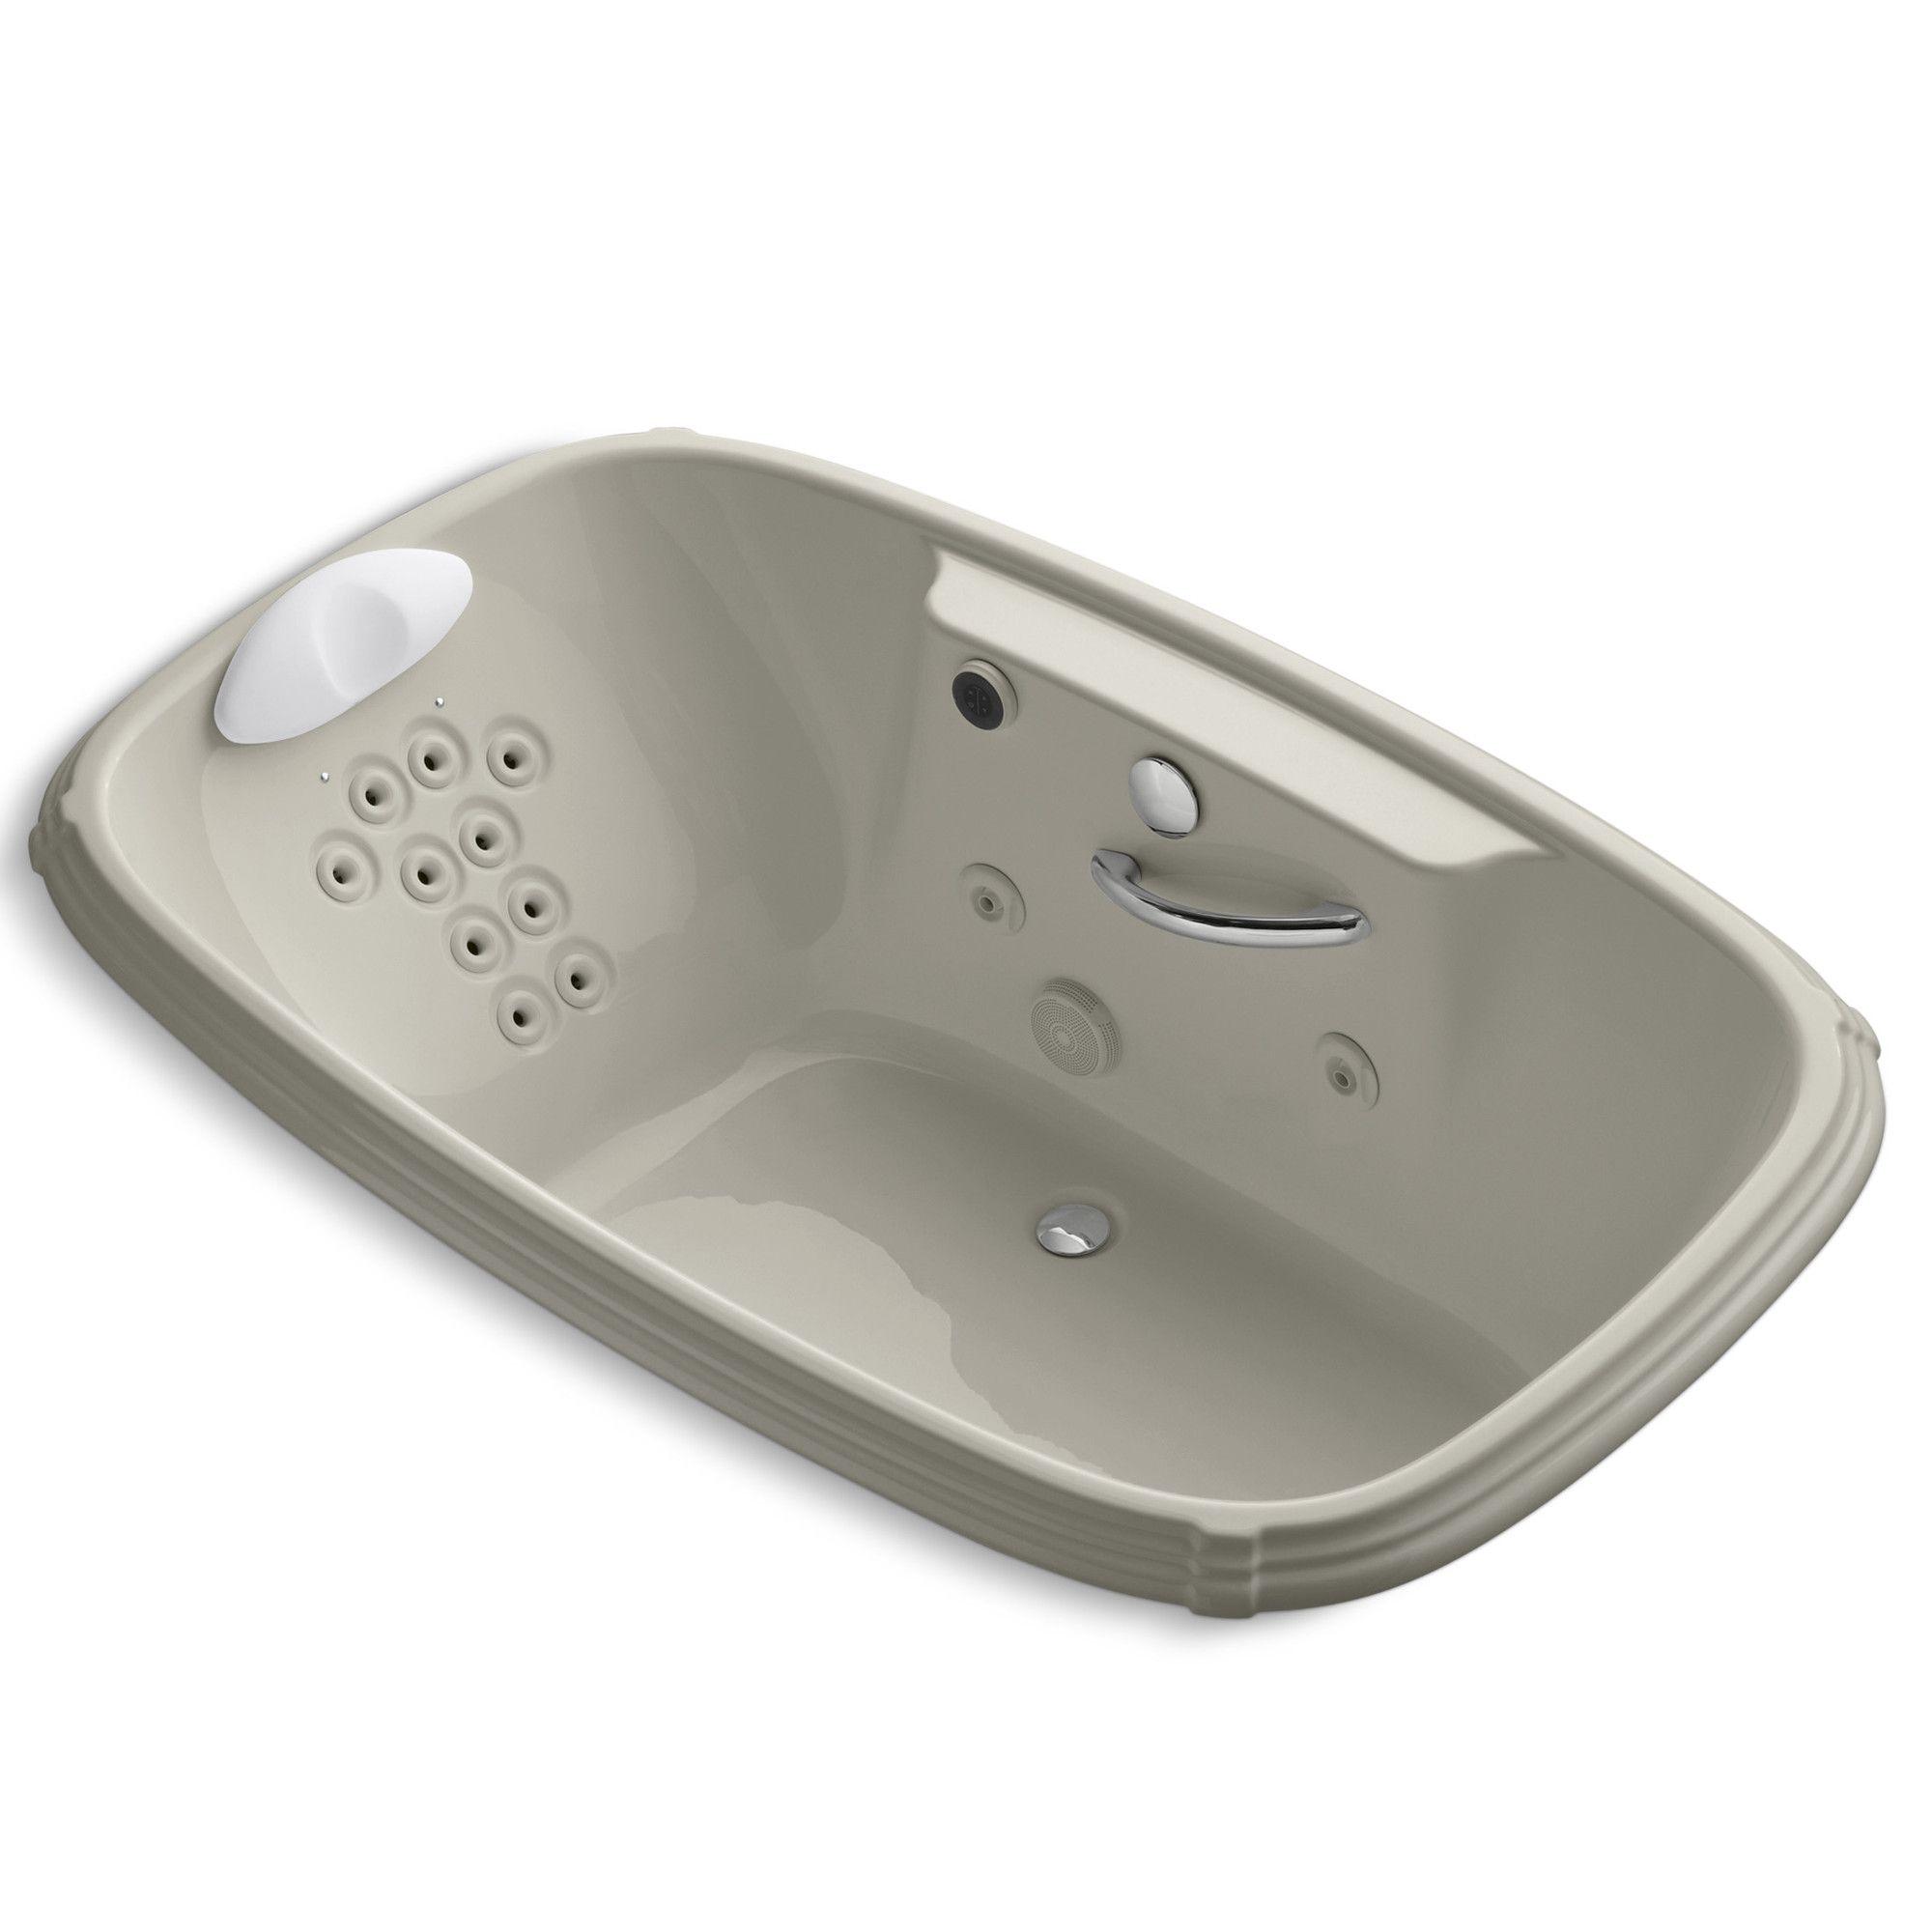 Portrait 67 X 42 Whirpool Bathtub Whirlpool Tub Tub Massage Packages